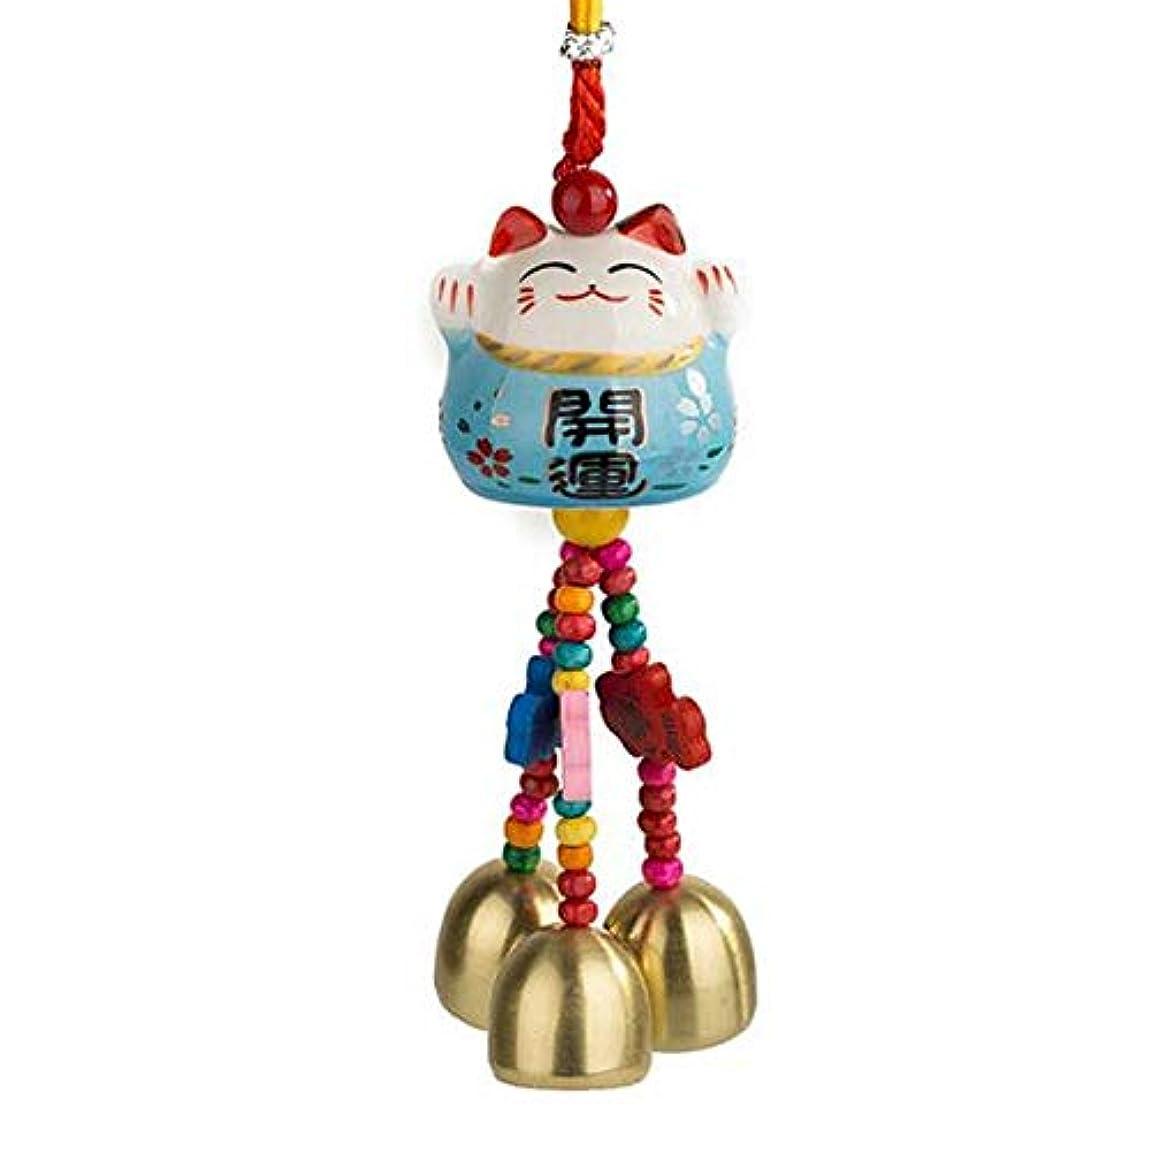 女将十コンサルタントChengjinxiang 風チャイム、かわいいクリエイティブセラミック猫風の鐘、グリーン、長い28センチメートル,クリエイティブギフト (Color : Blue)